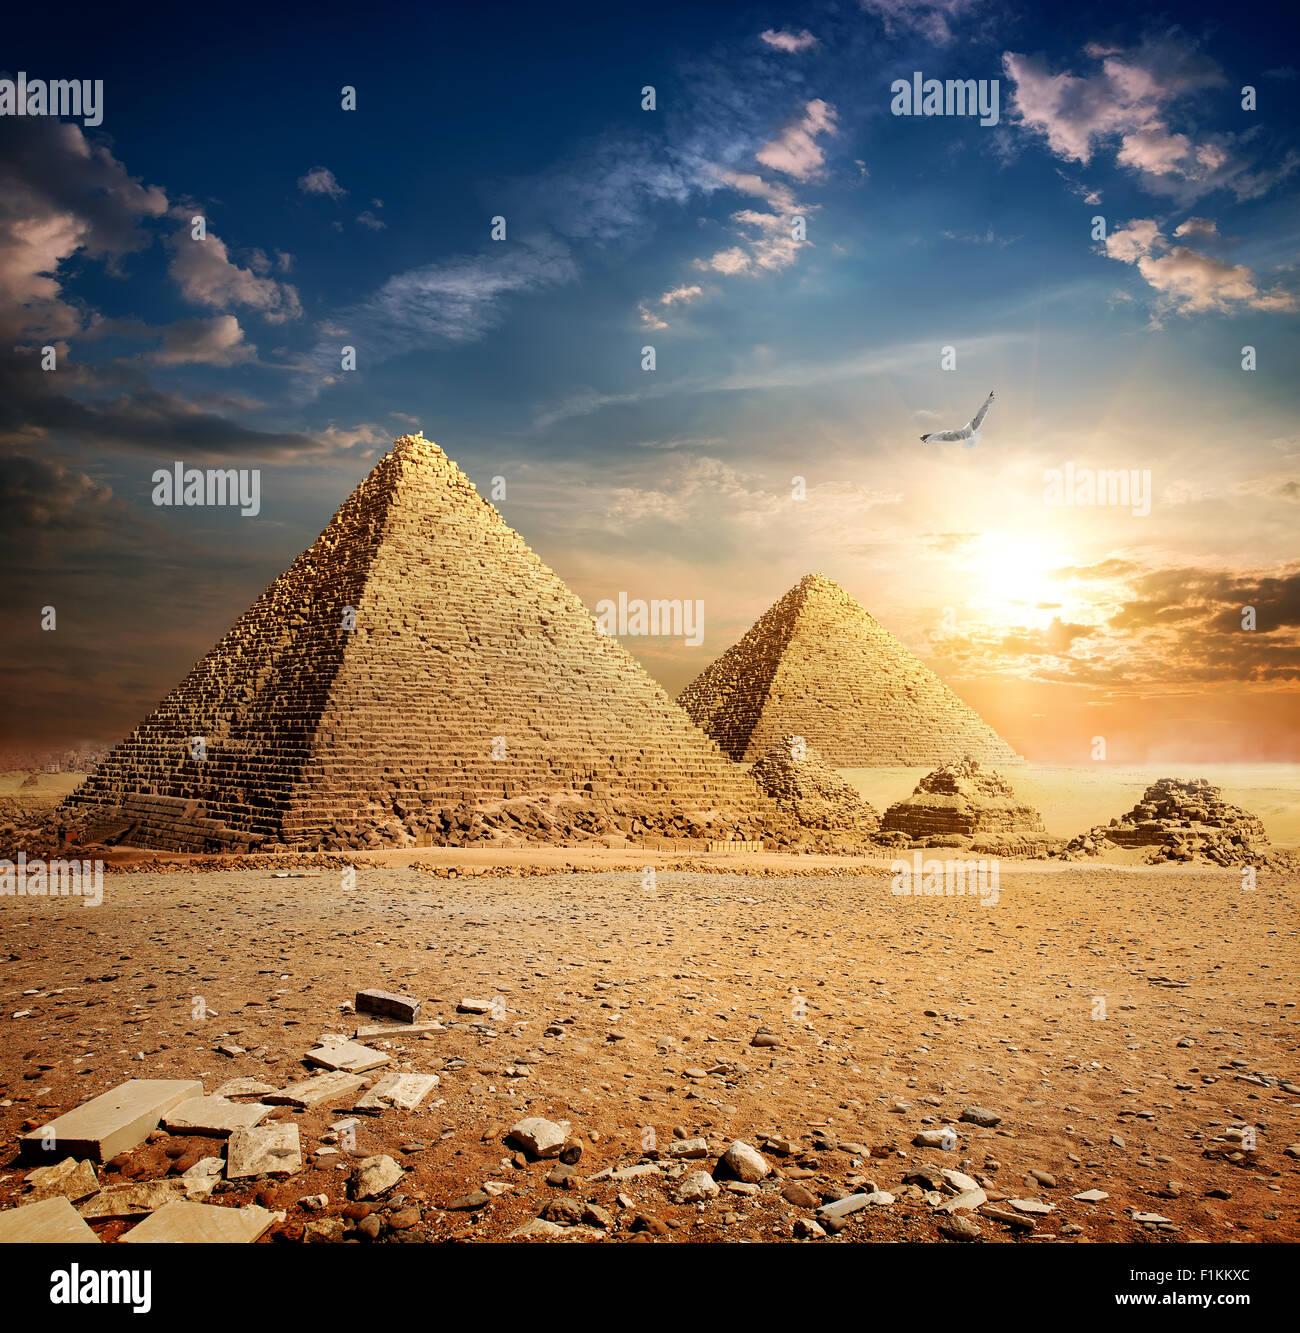 Big bird over pyramids at the sunset - Stock Image